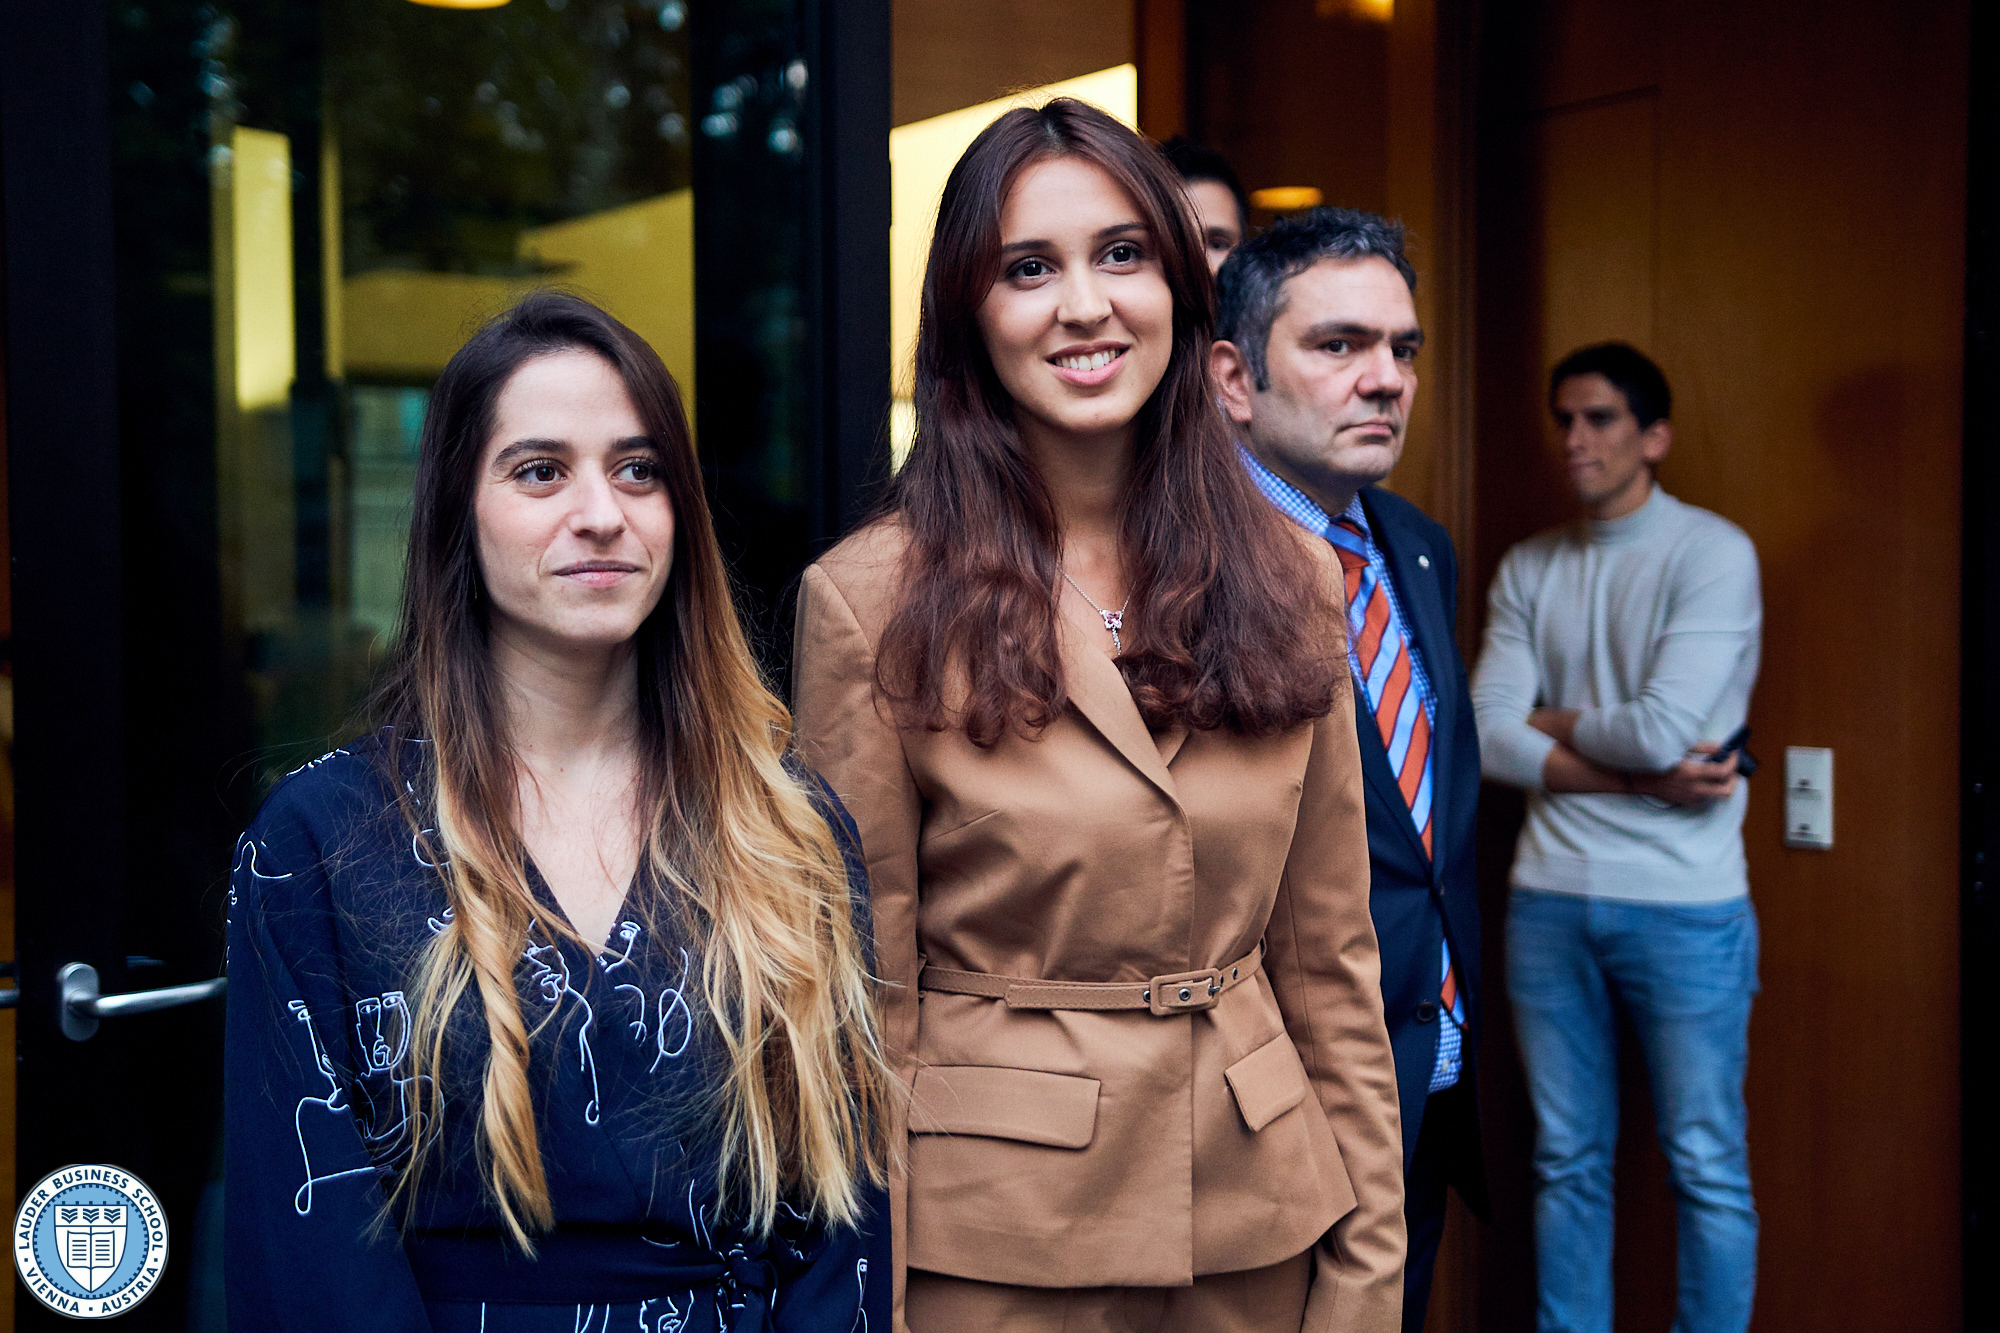 Paz Barsky & Elizaveta Shchapova, BA Students